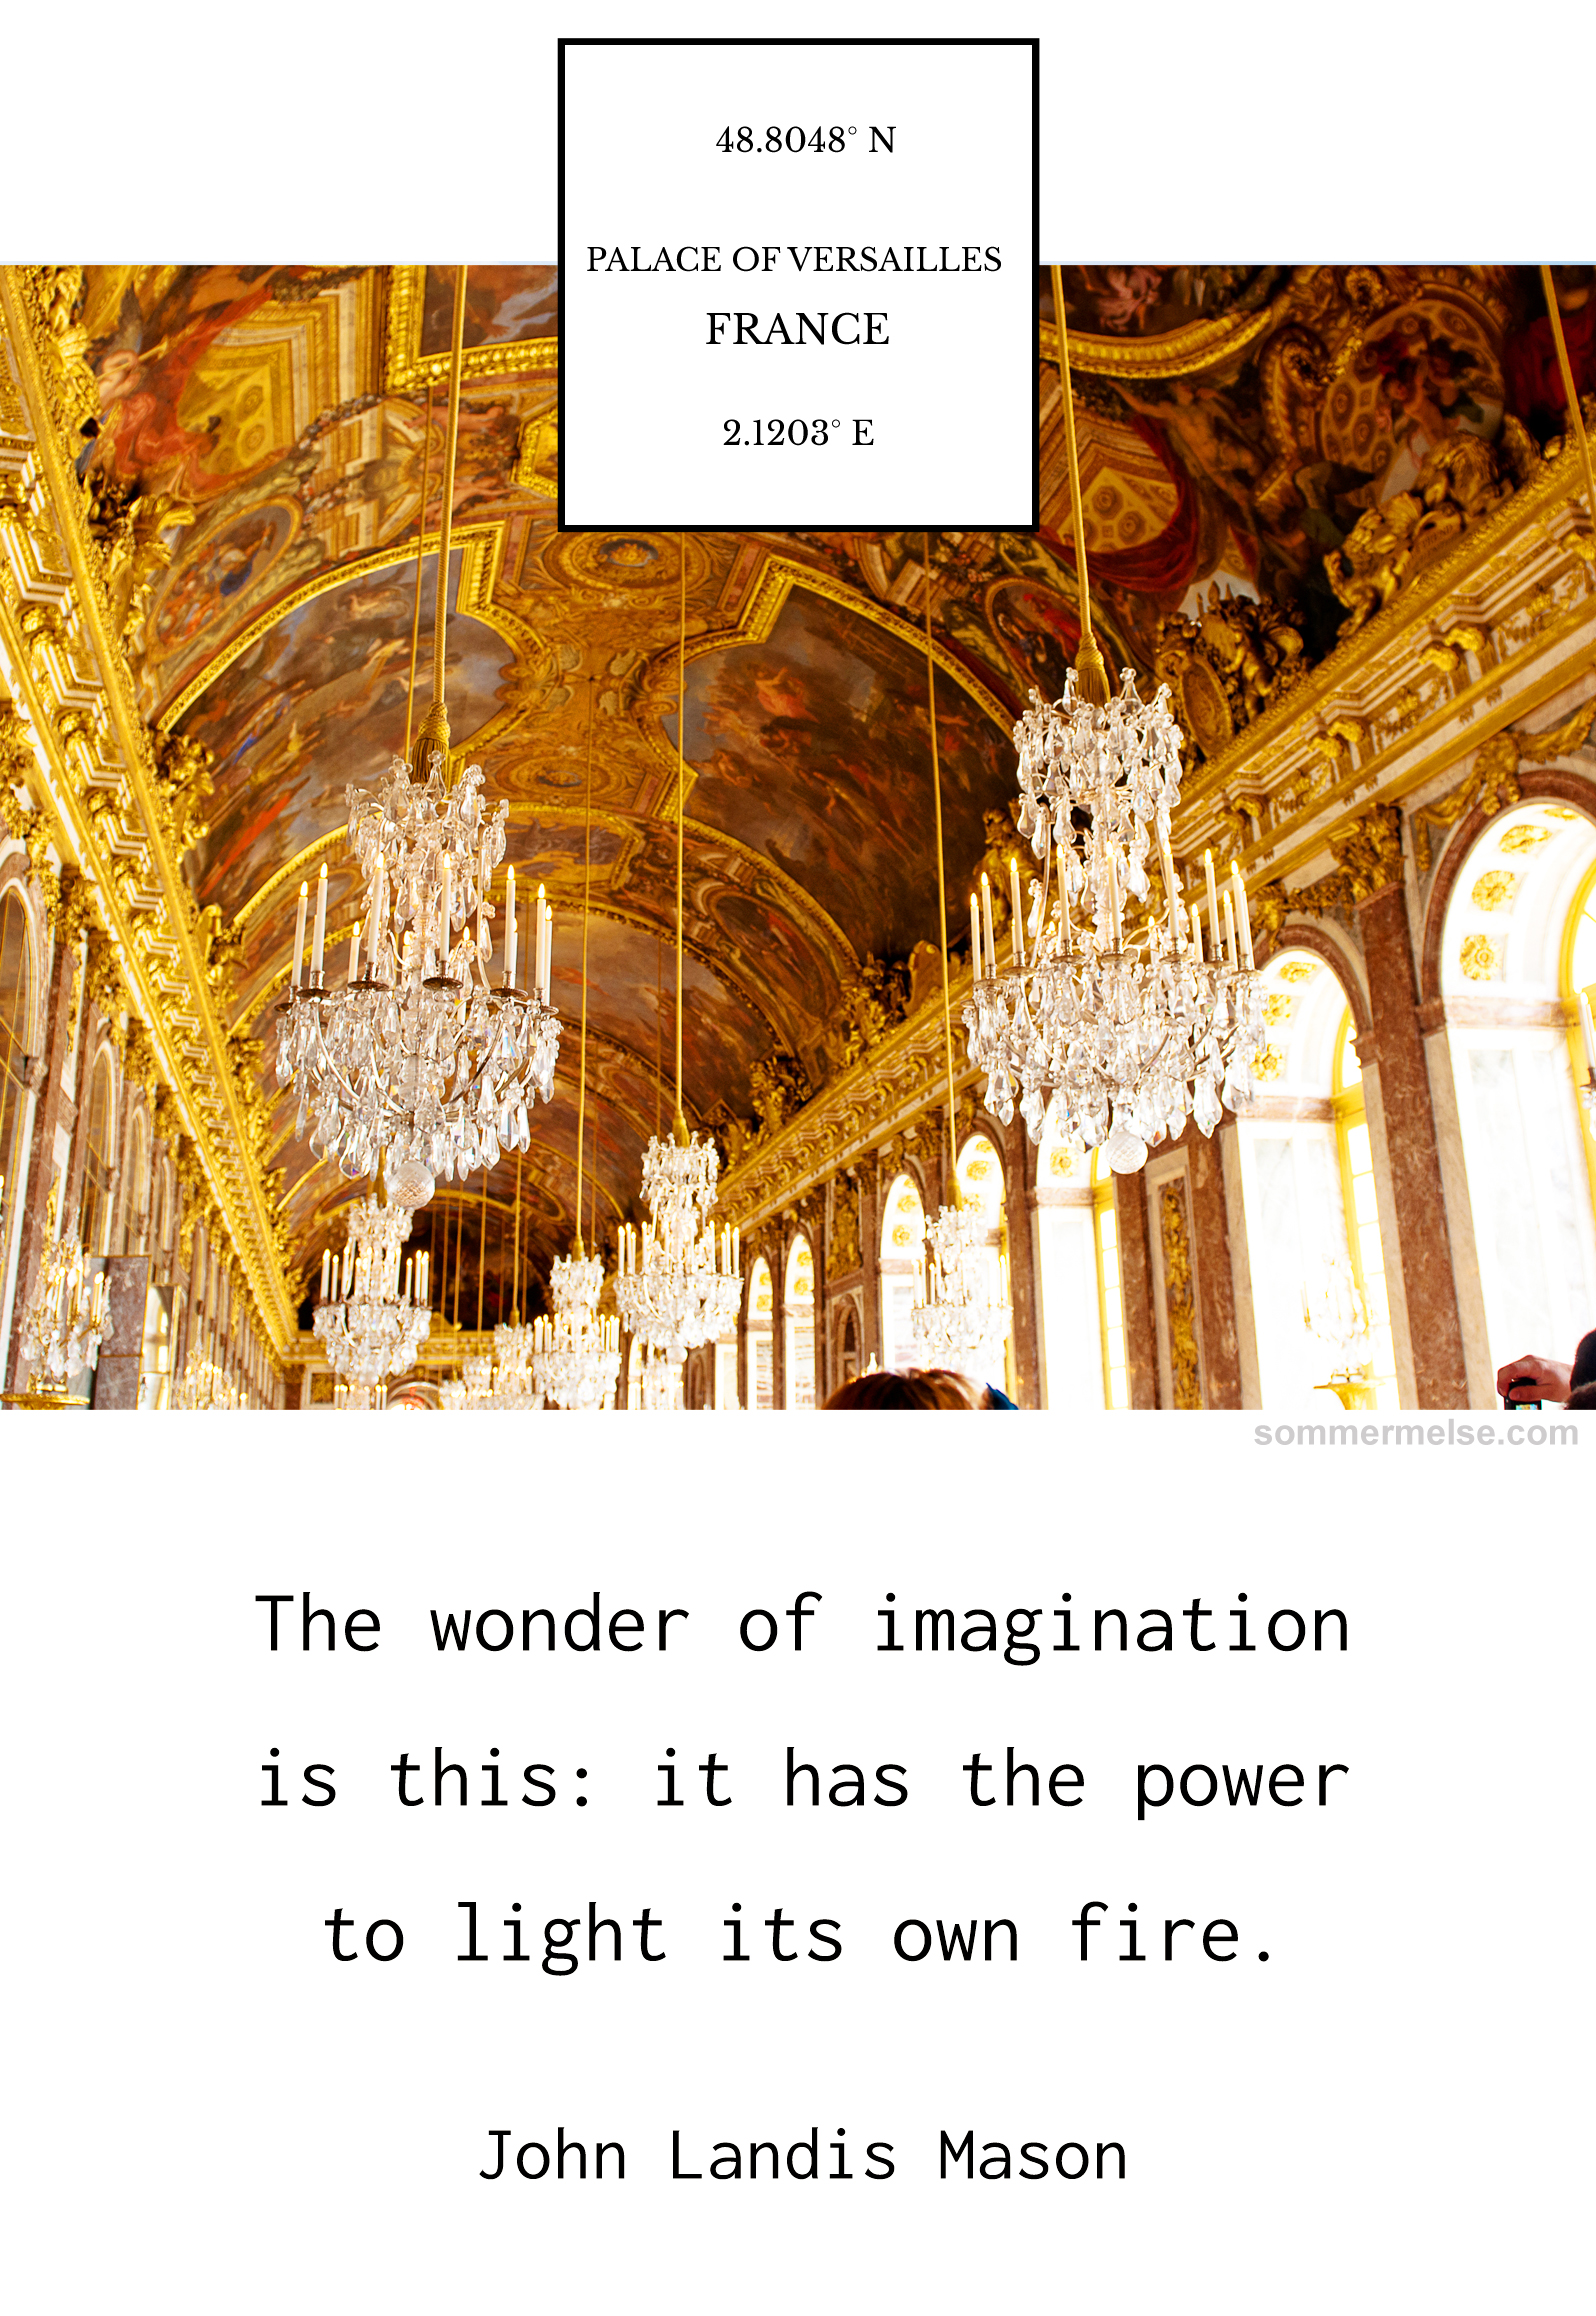 77_finding_wonder_wonder_imagination_john_landis_mason